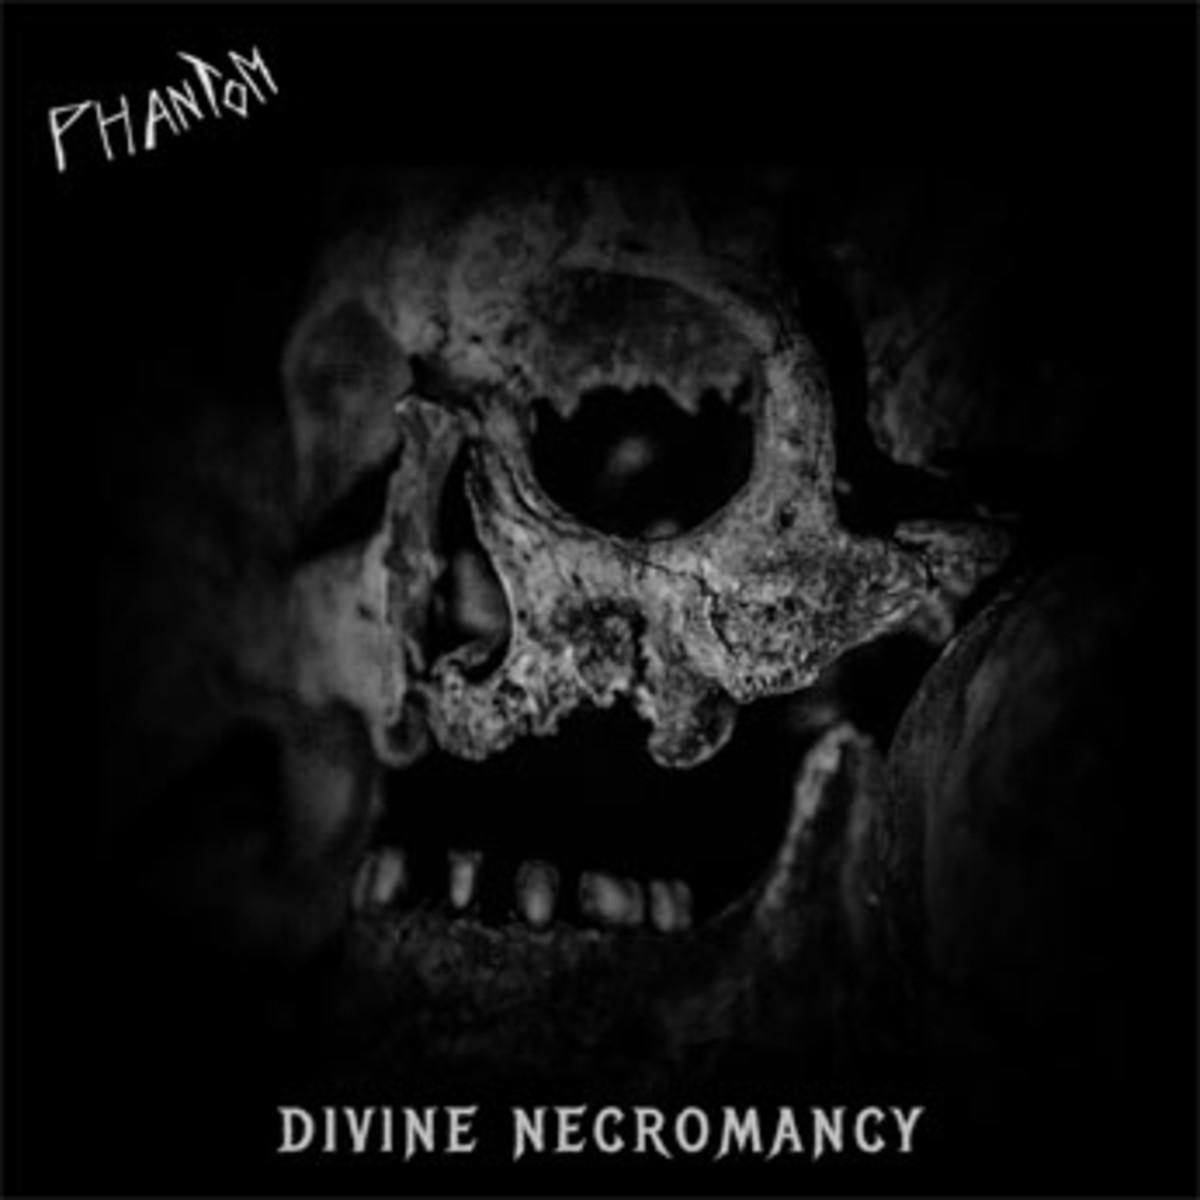 Phantom - Divine Necromancy